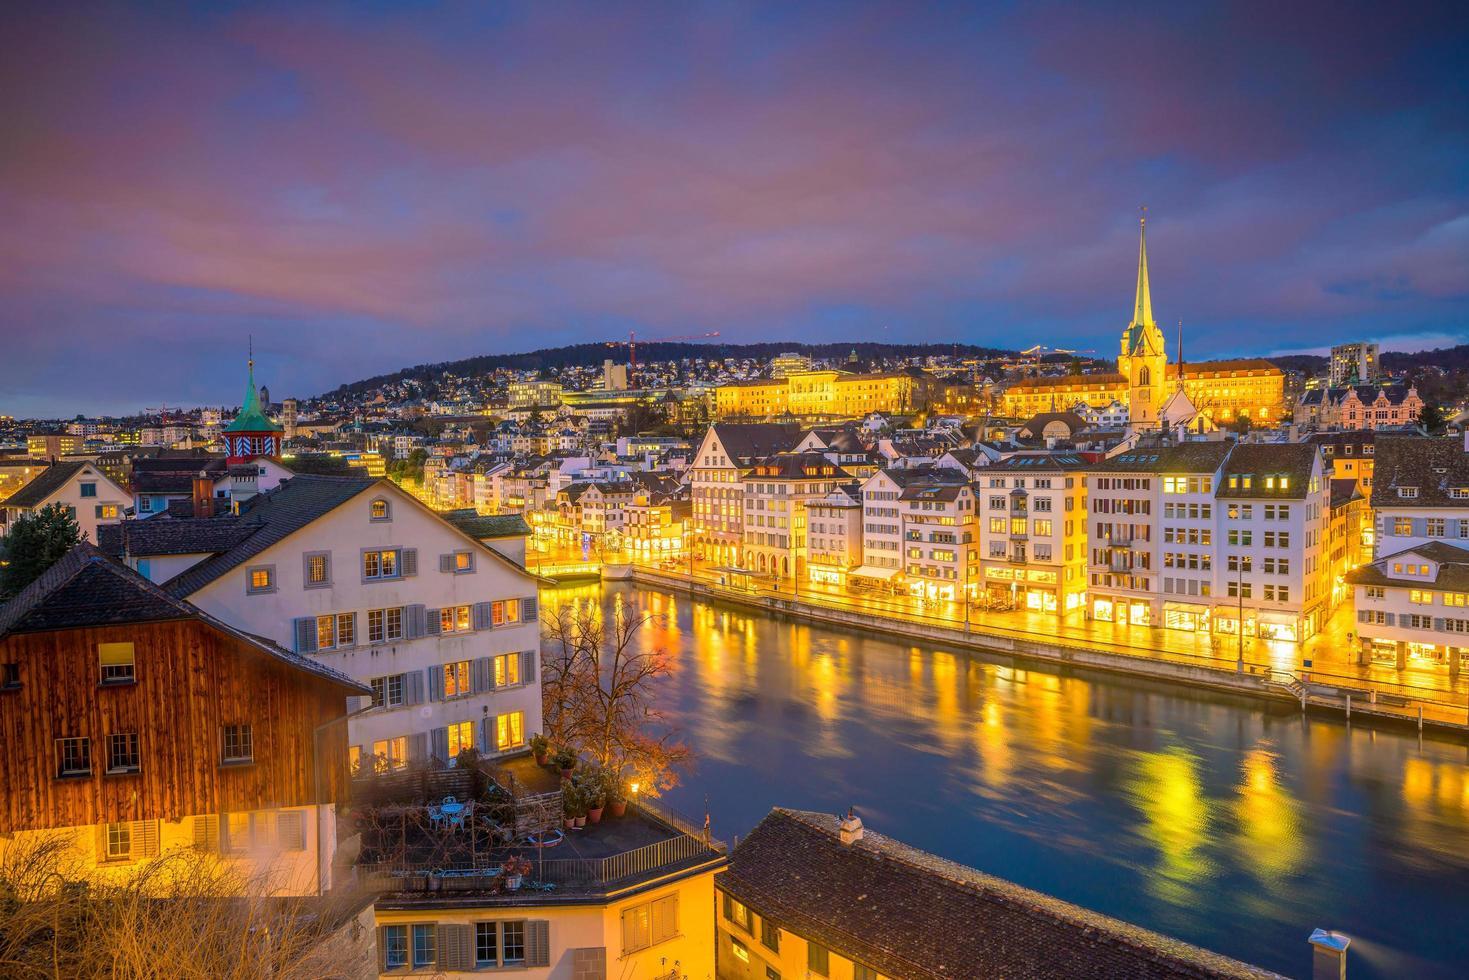 Stadtbild der Innenstadt von Zürich in der Schweiz foto